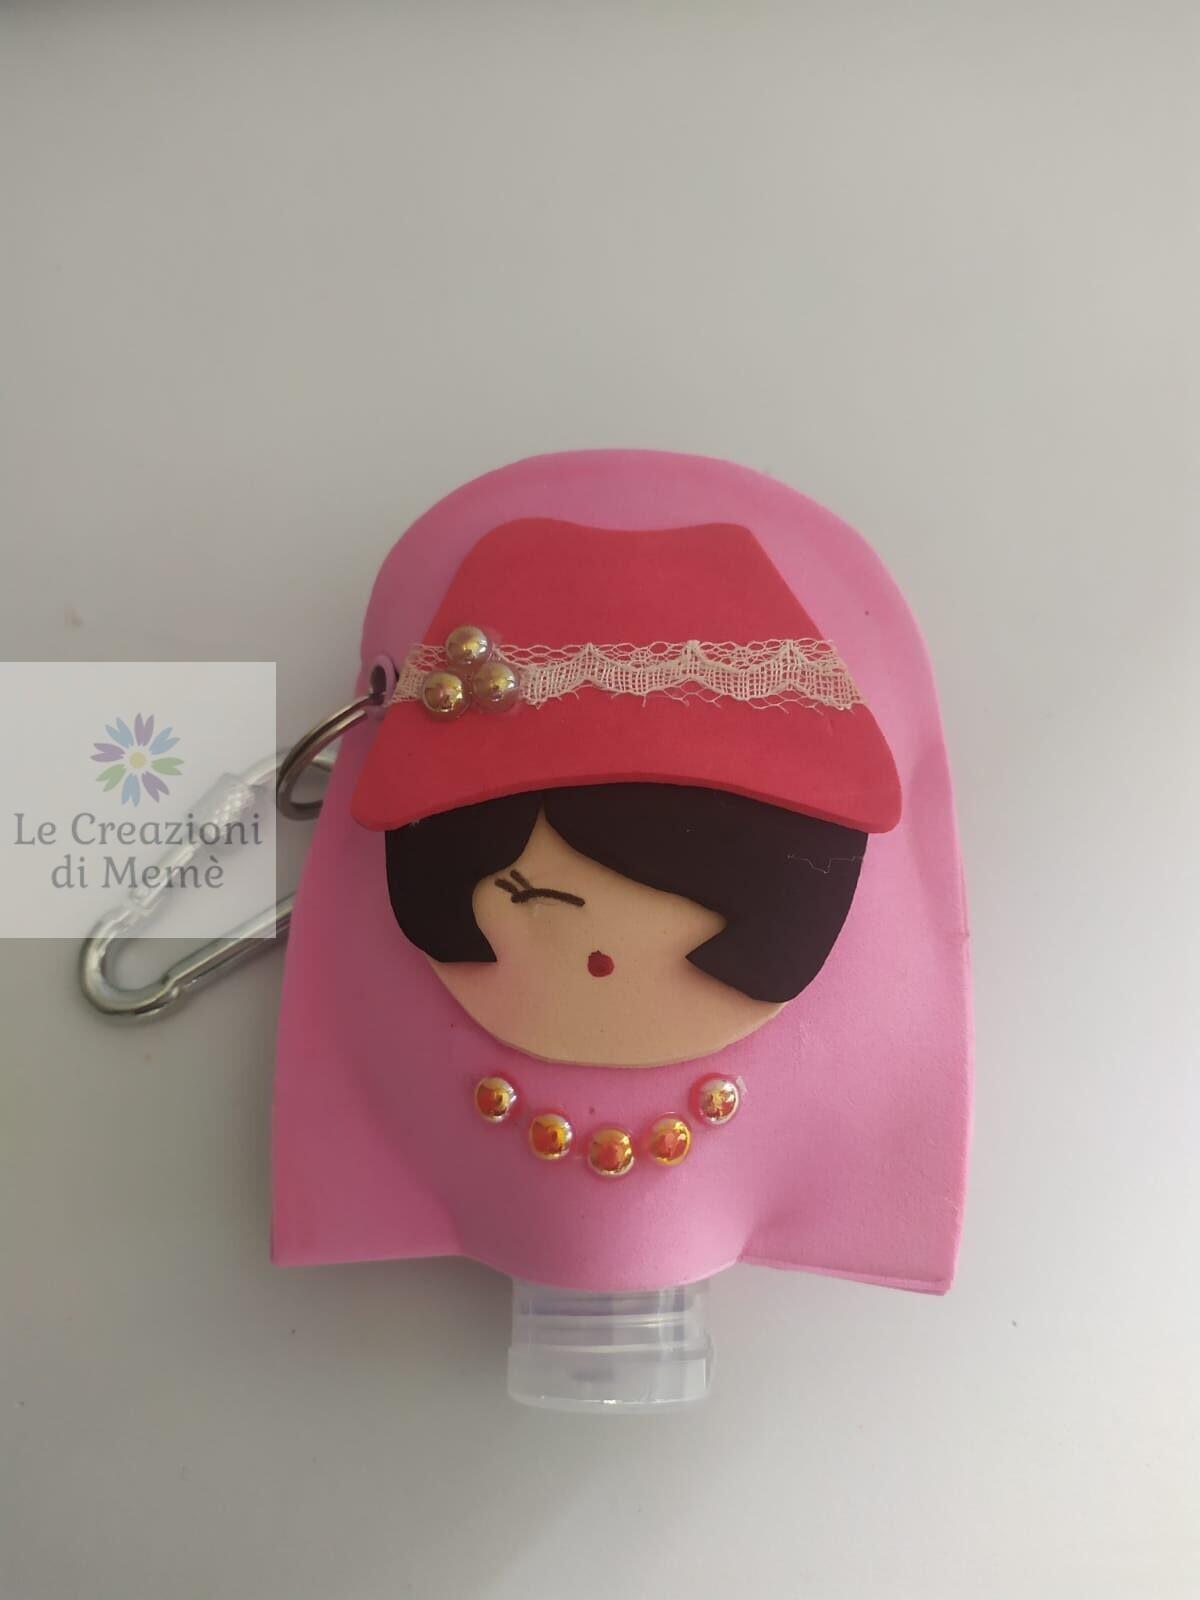 Porta gel disinfettante con viso di donna con cappello